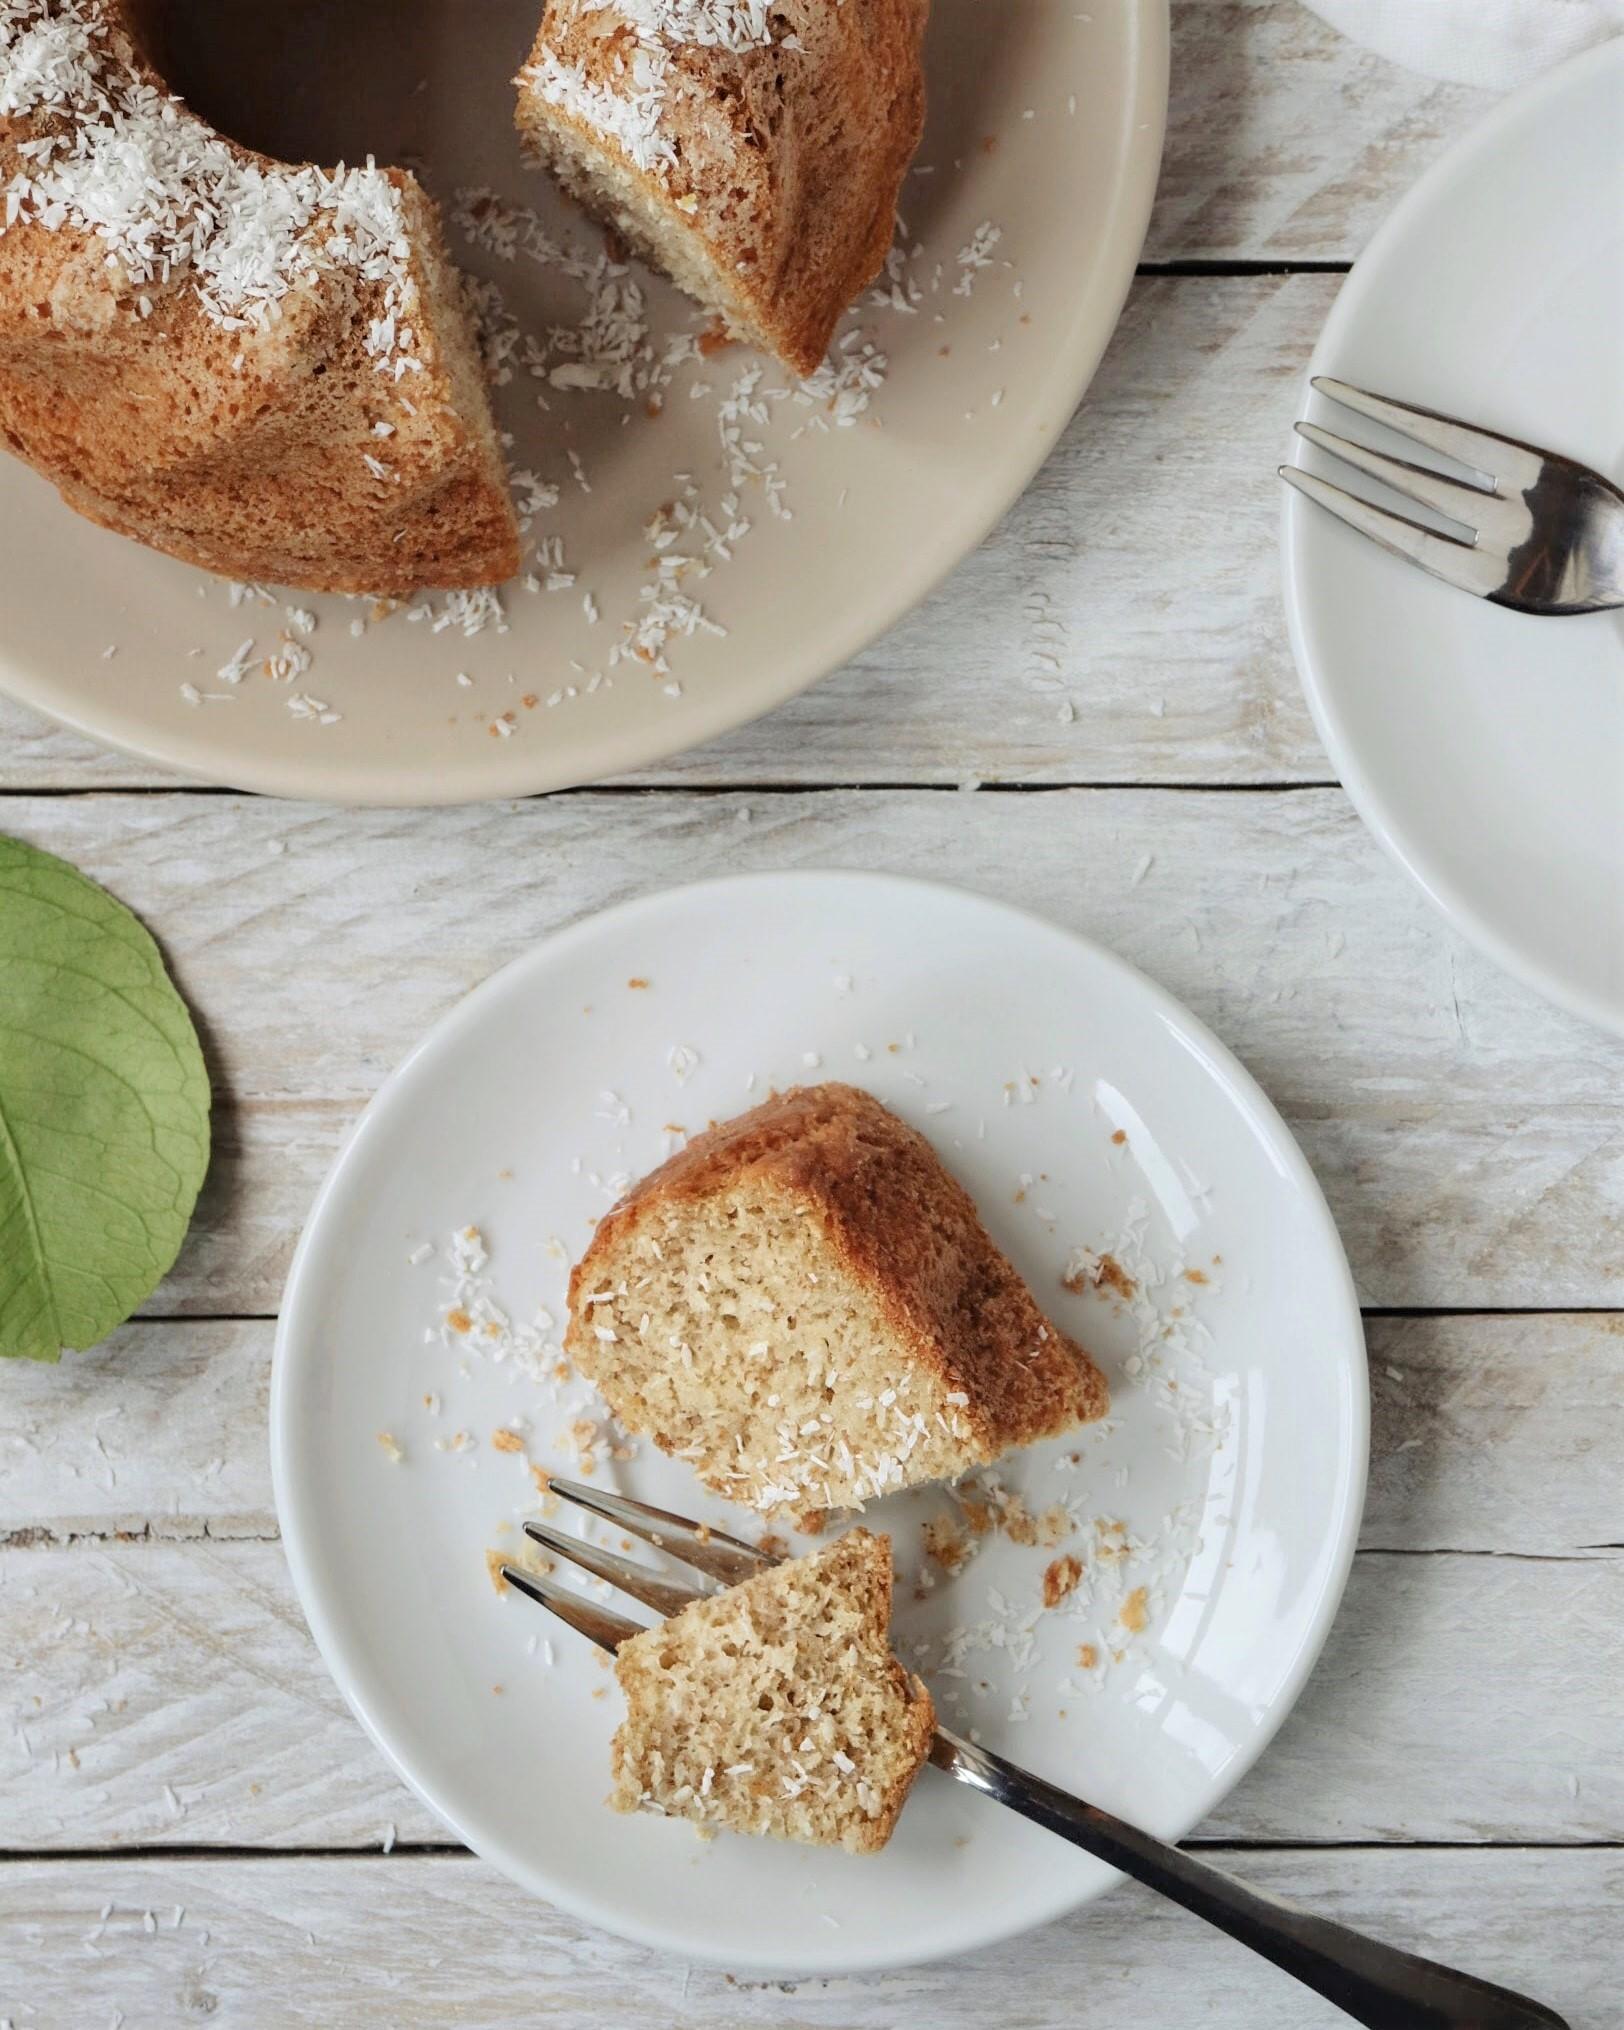 La ricetta della torta integrale allo yogurt e cocco